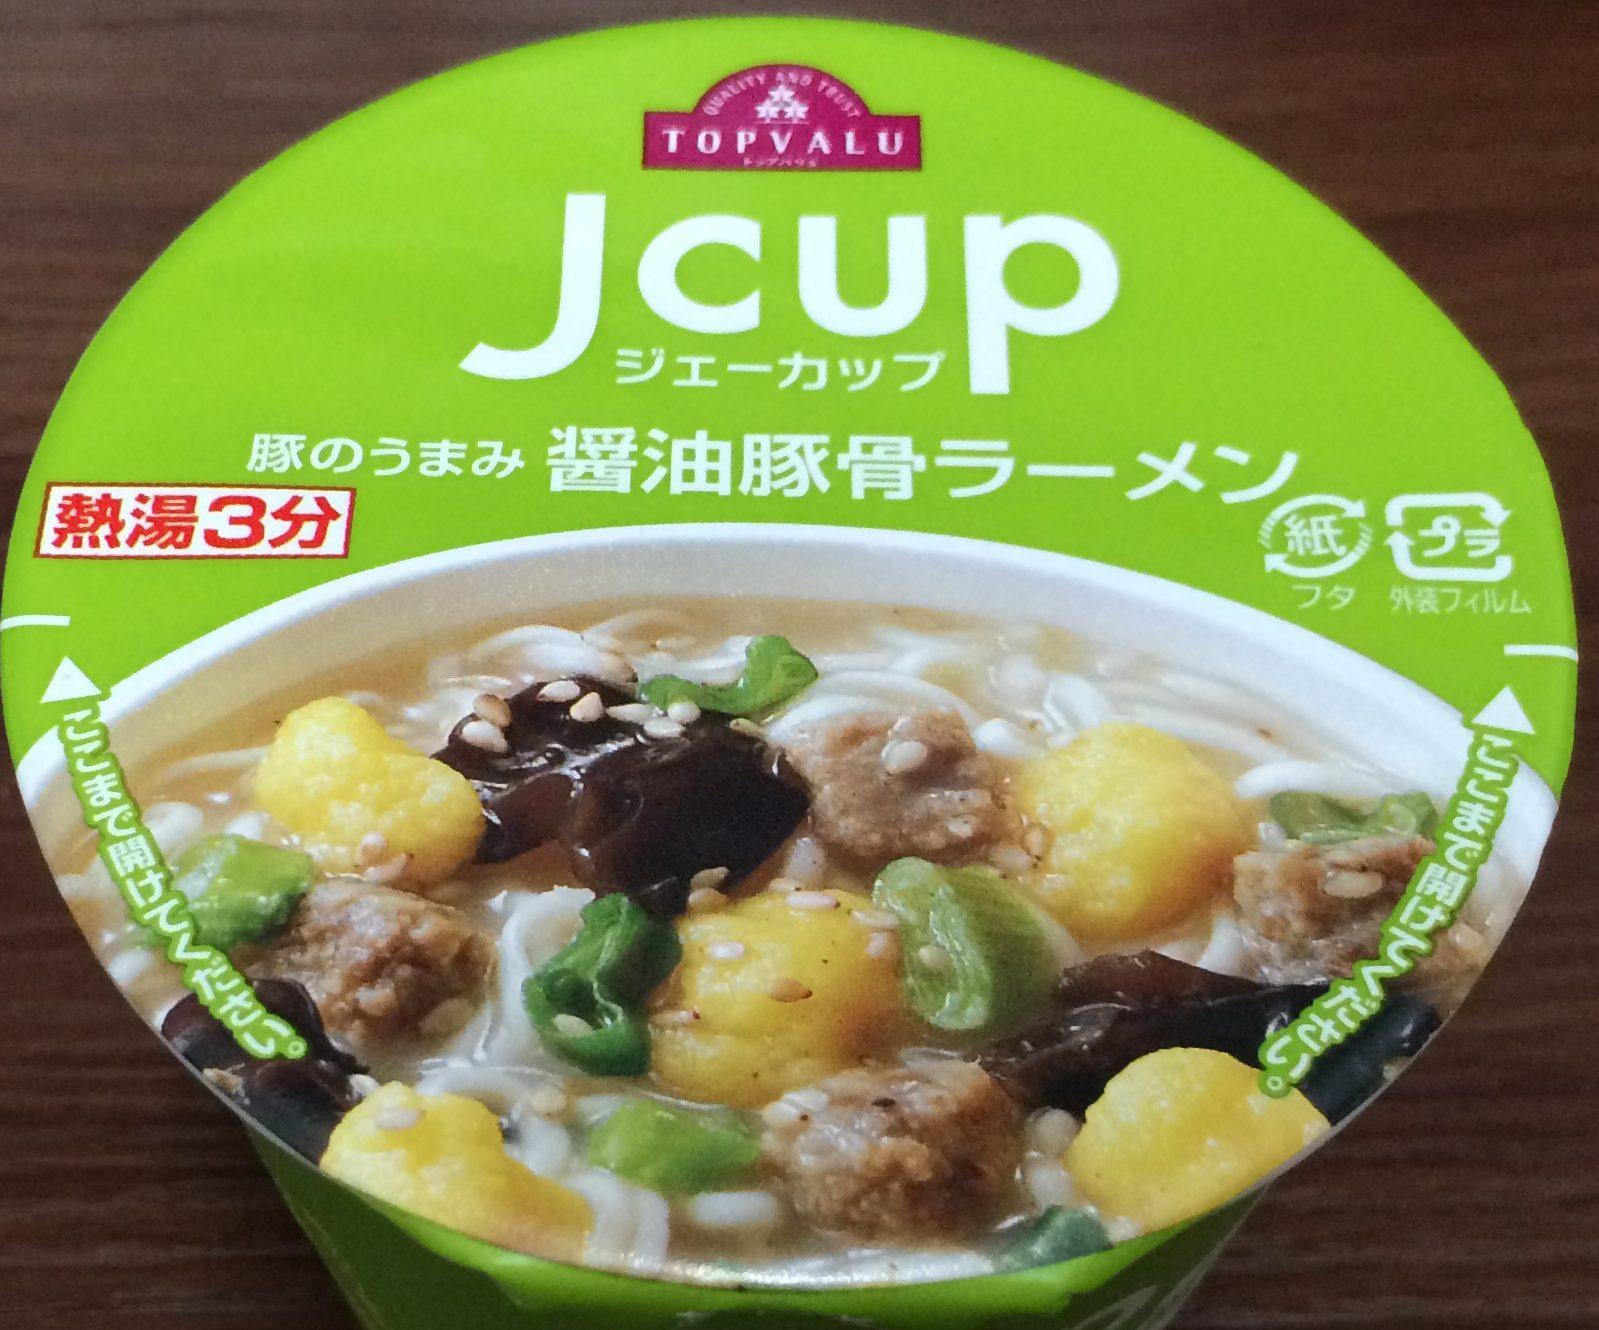 トップバリュ Jcup(ジェーカップ)豚のうまみ 醤油豚骨ラーメン